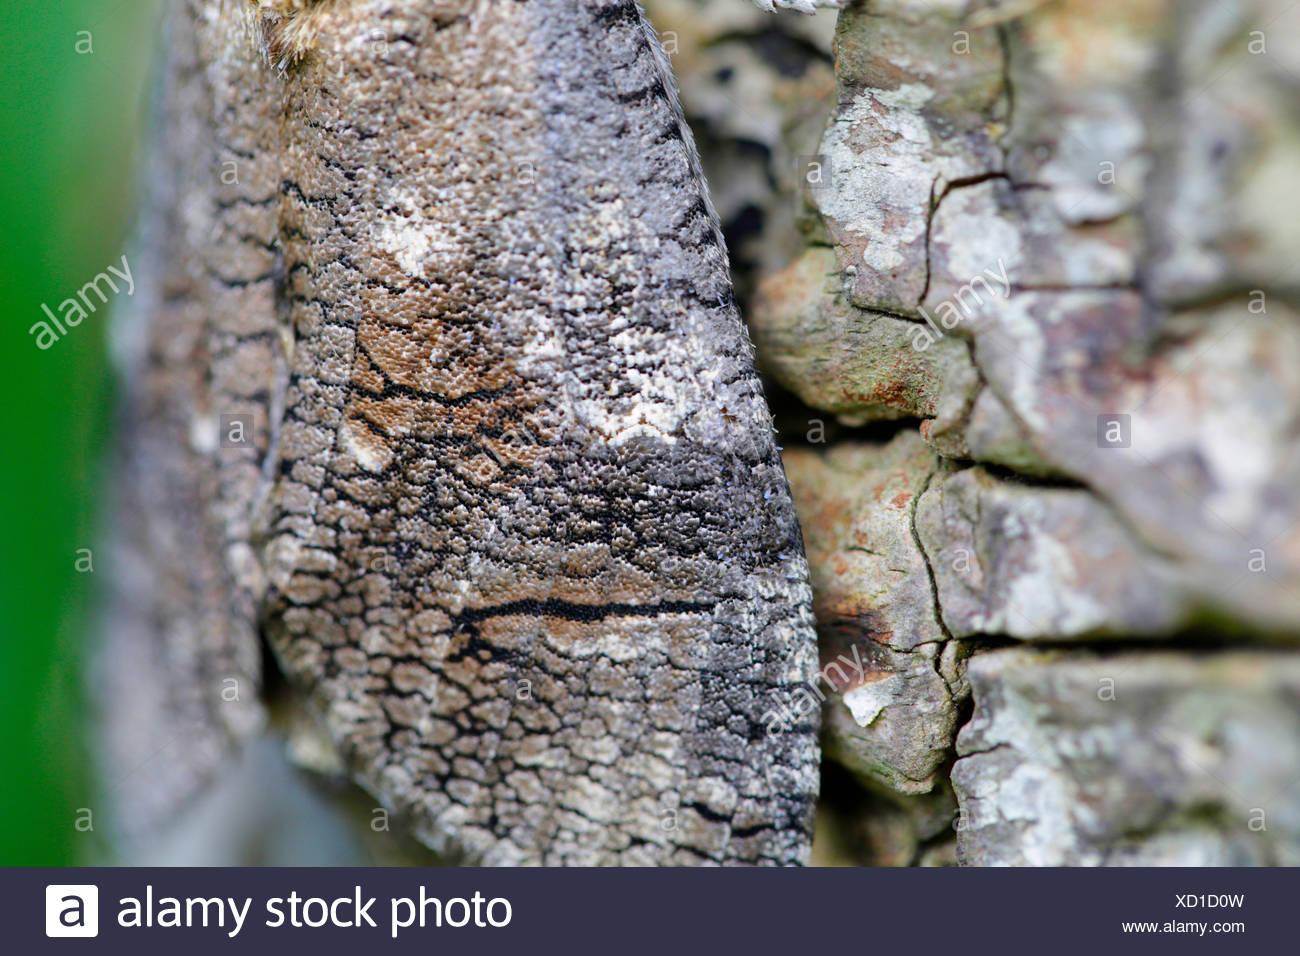 Cossus cossus cabra (polilla), patrones de ala, detalle, Alemania, Baviera Imagen De Stock